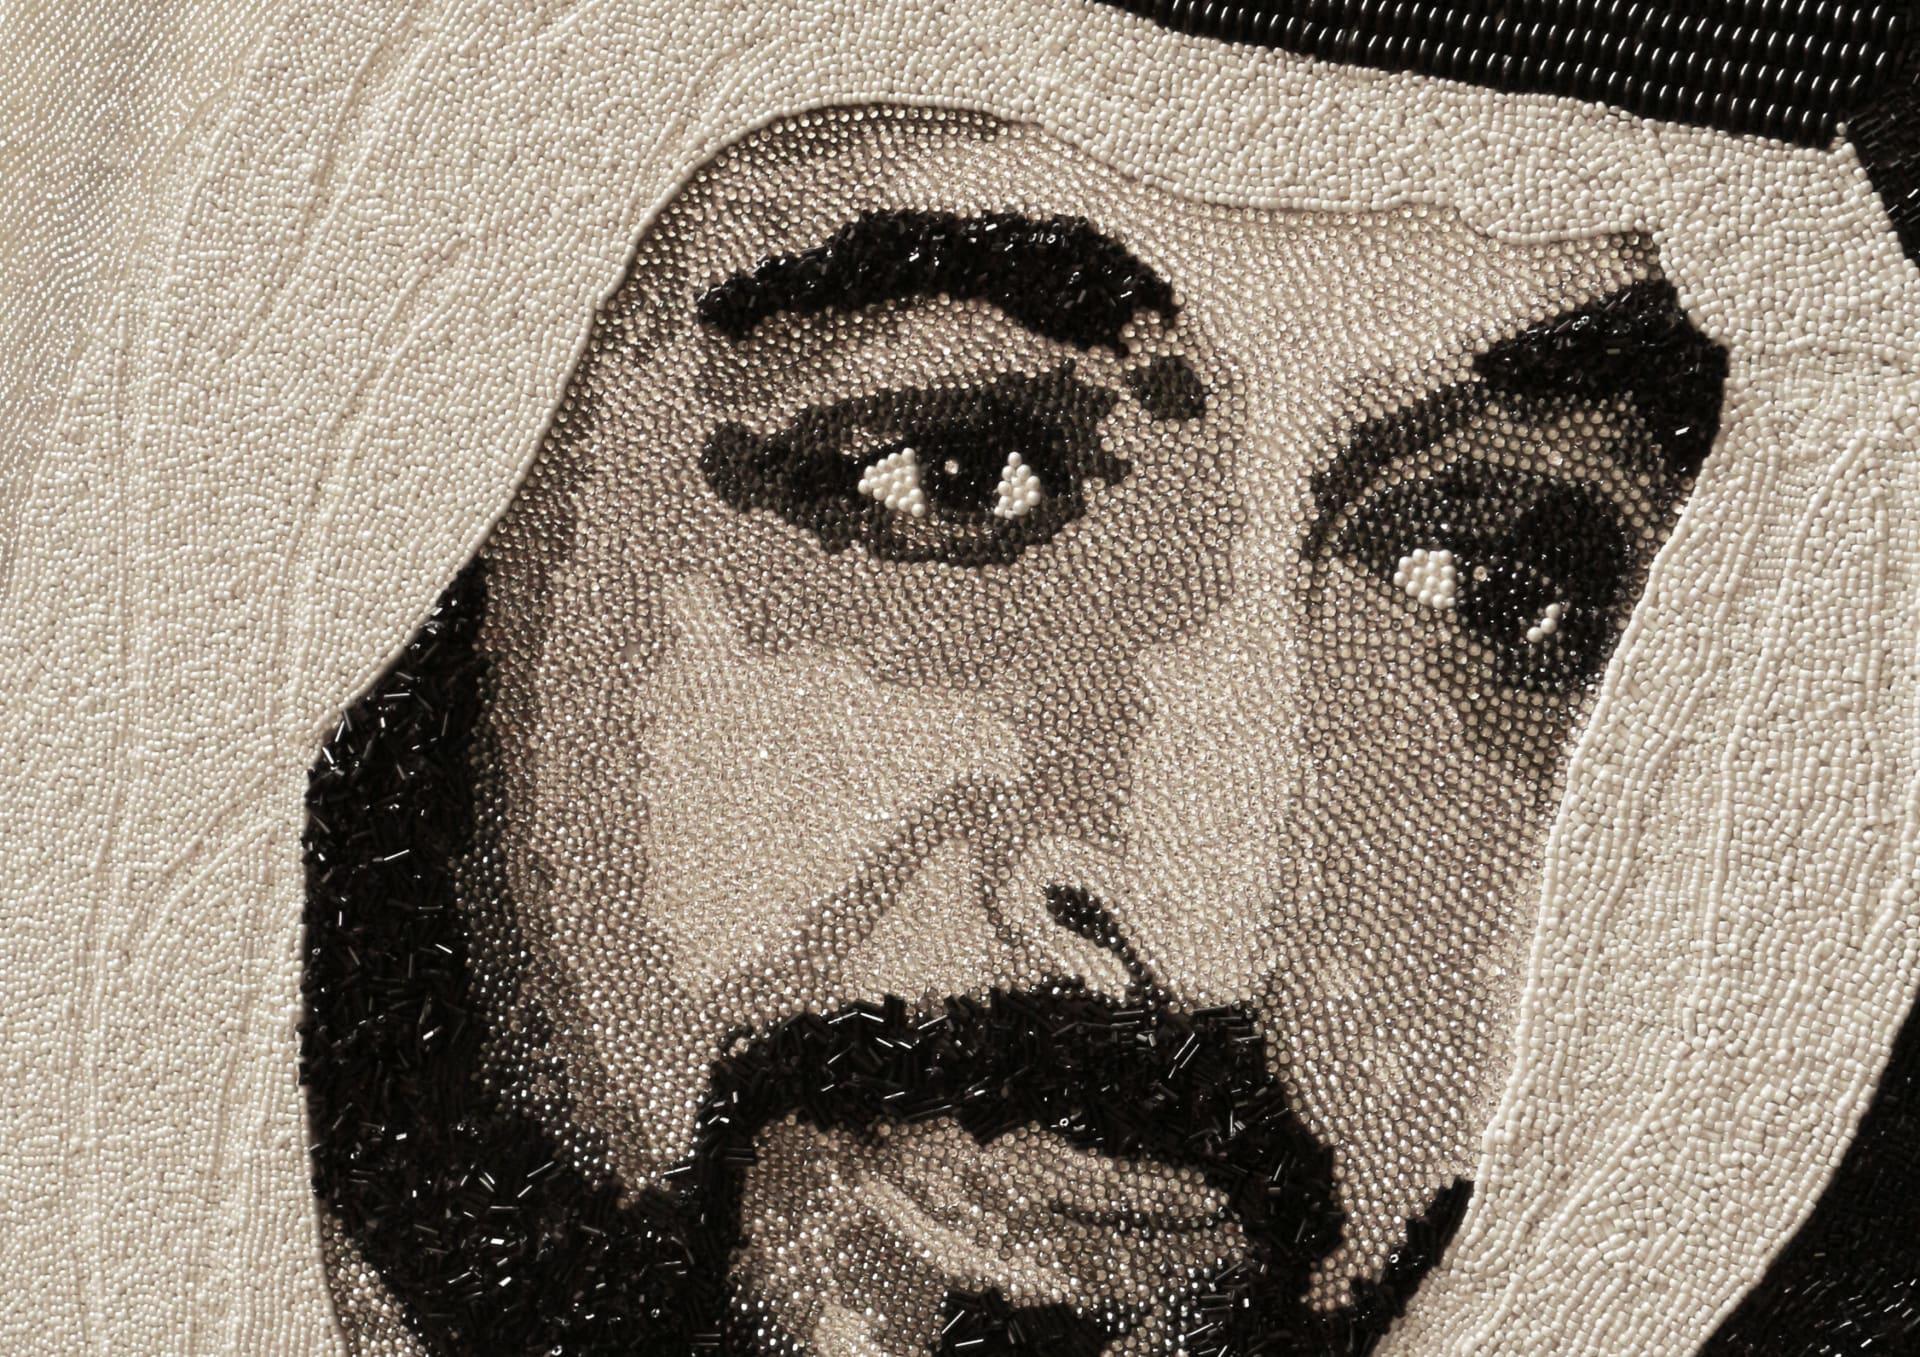 بأكثر من بمليوني بلورة سواروفسكي.. كم تكلف هذه اللوحات الكريستالية لقادة الإمارات؟